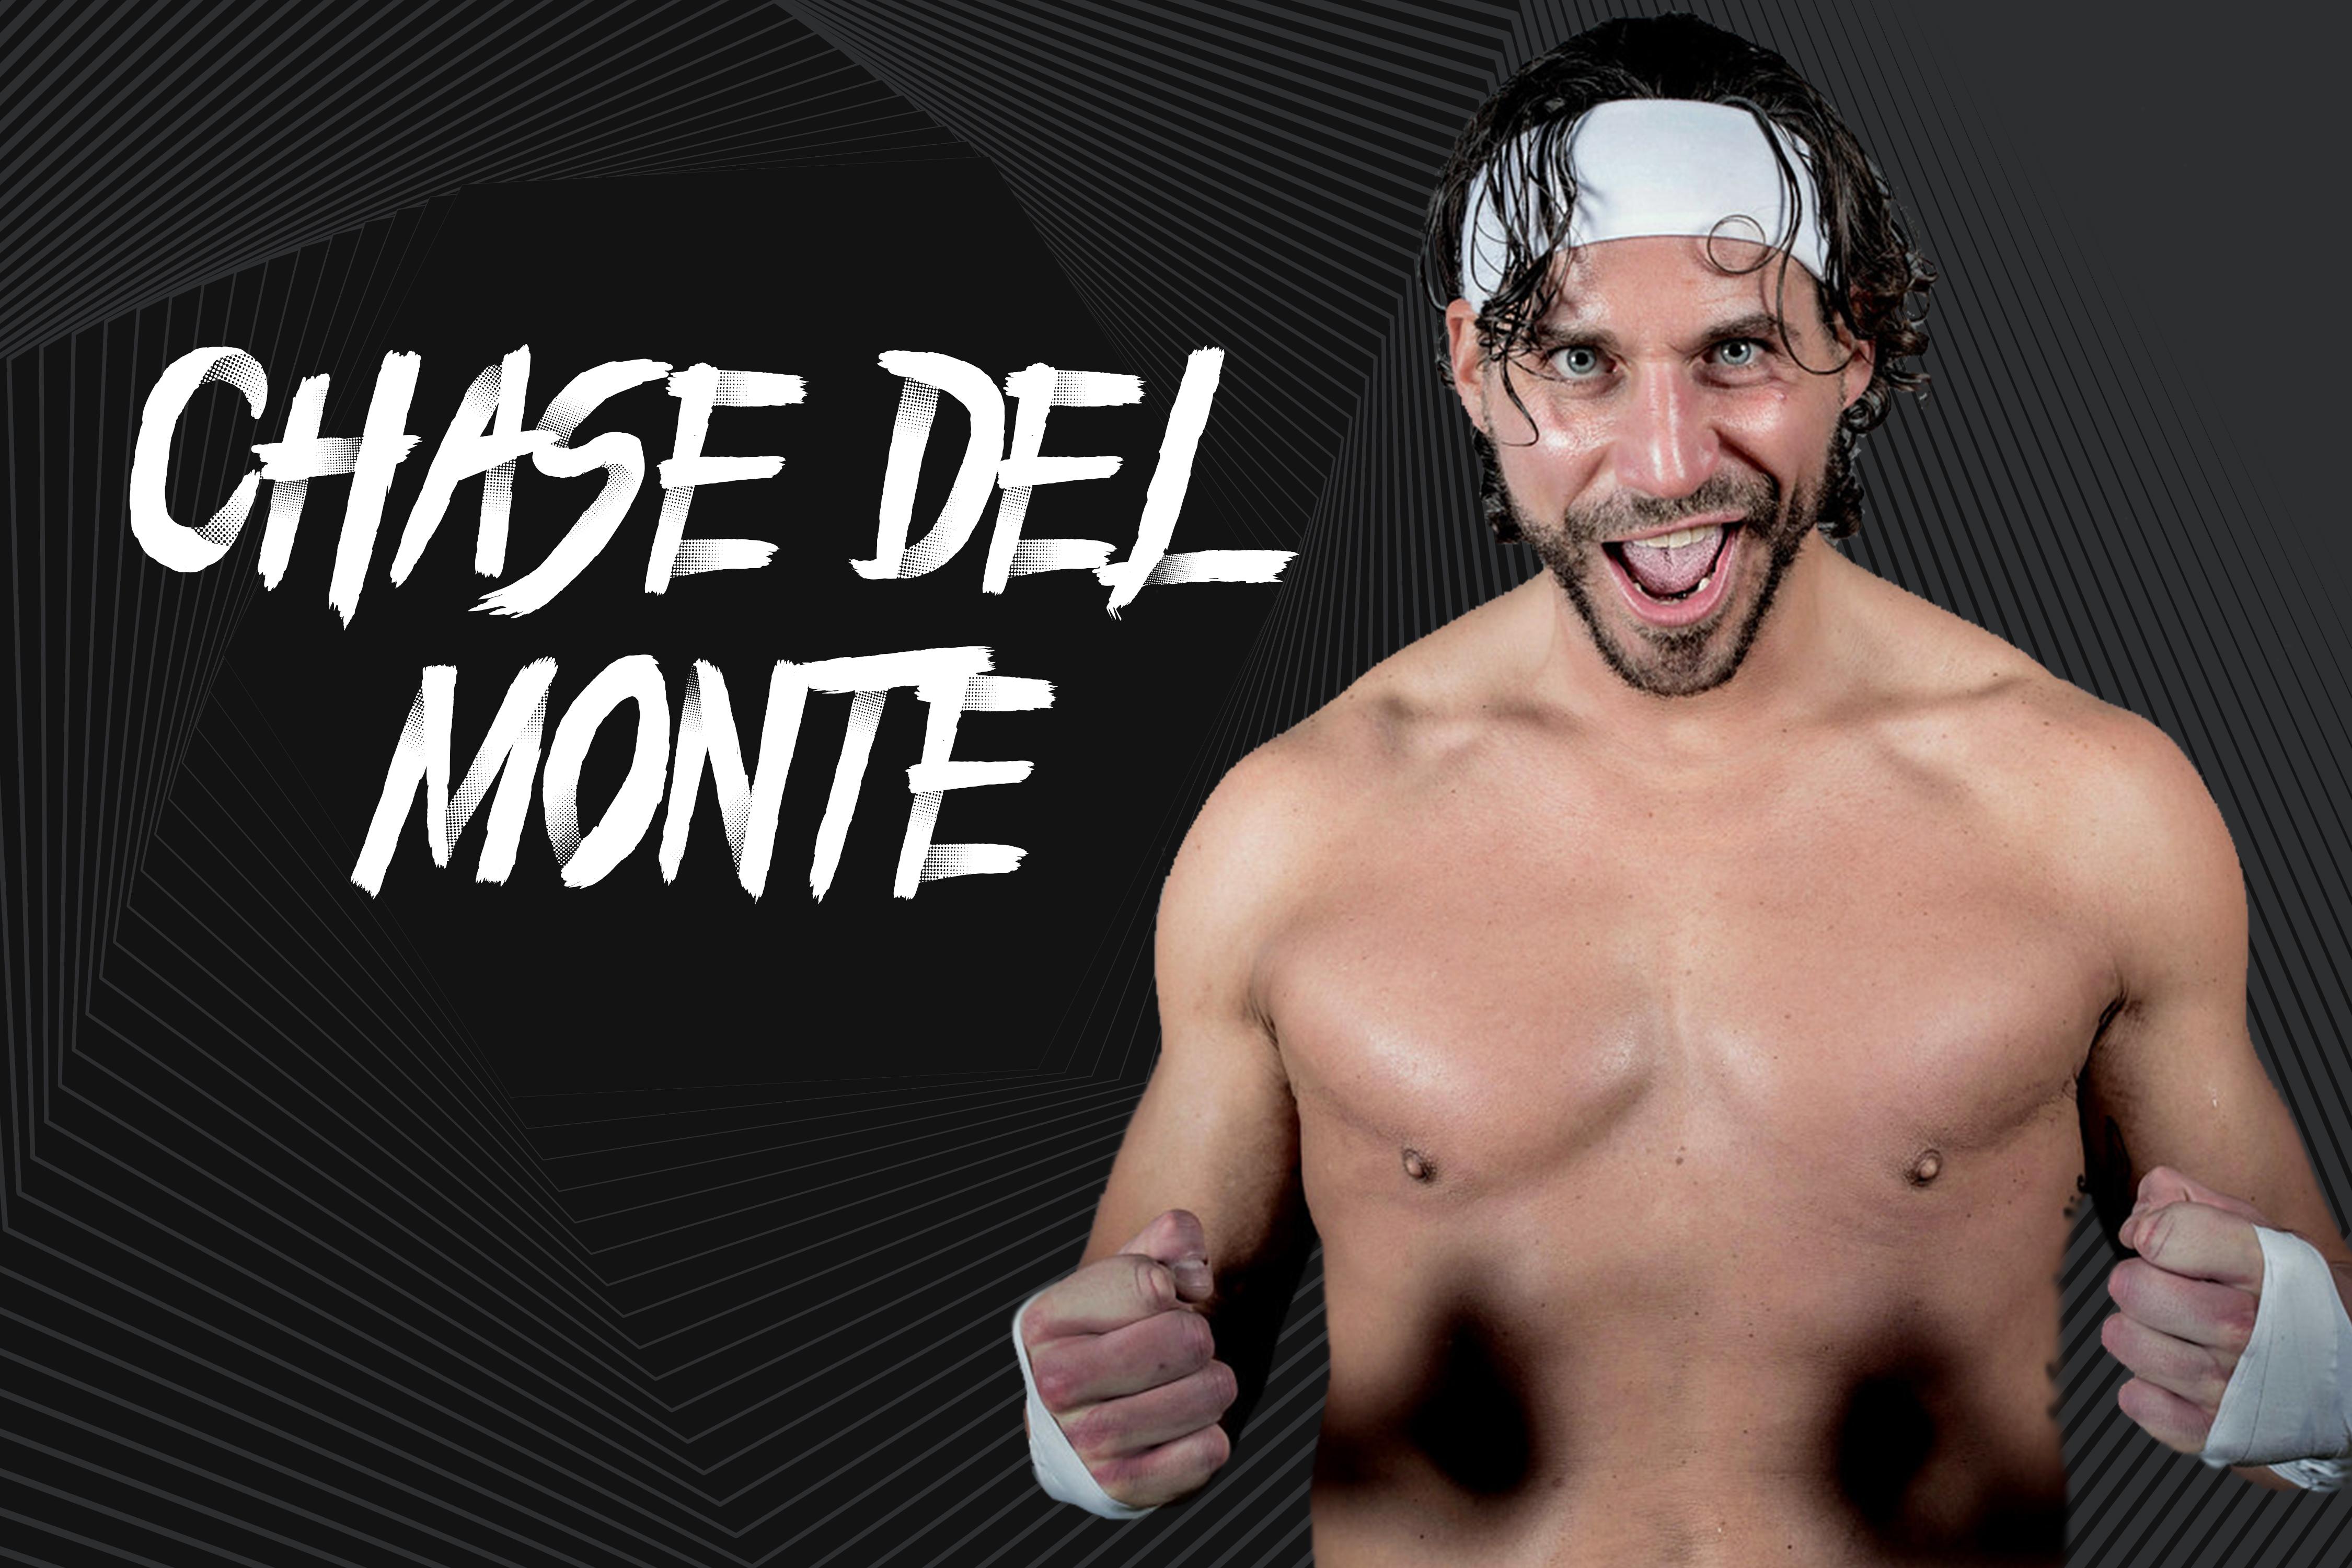 Chase Del Monte